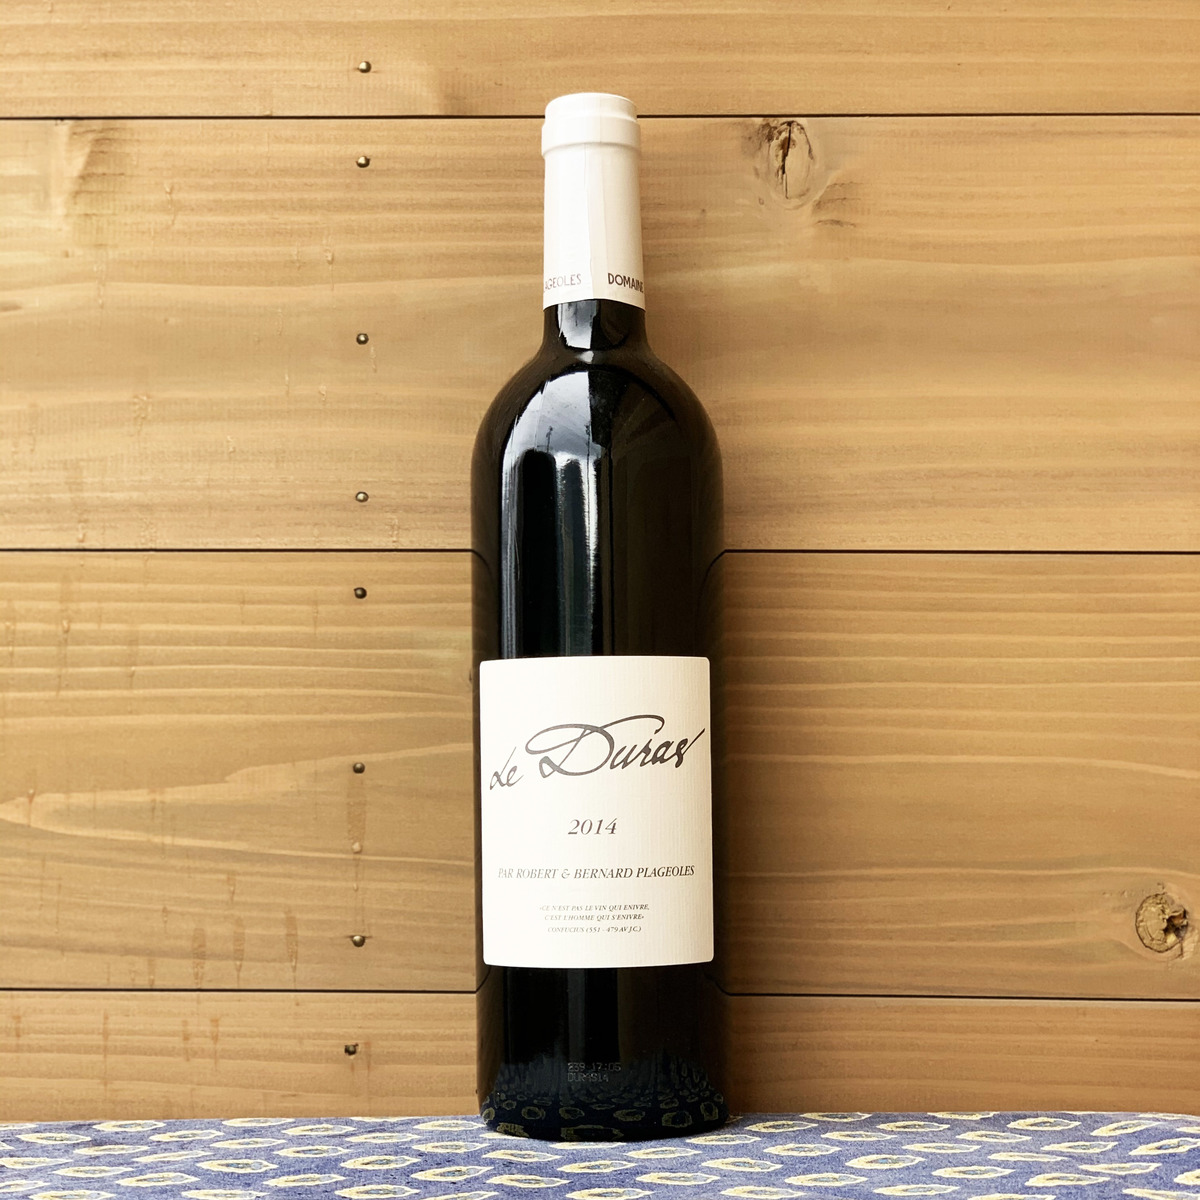 テロワールの個性を活かした品種 タイムセール 造りに定評のある生産者の赤ワインです 南西地方 フランス ベルナール 赤ワイン プラジョル 最安値に挑戦 デュラス'14 自然派ワイン